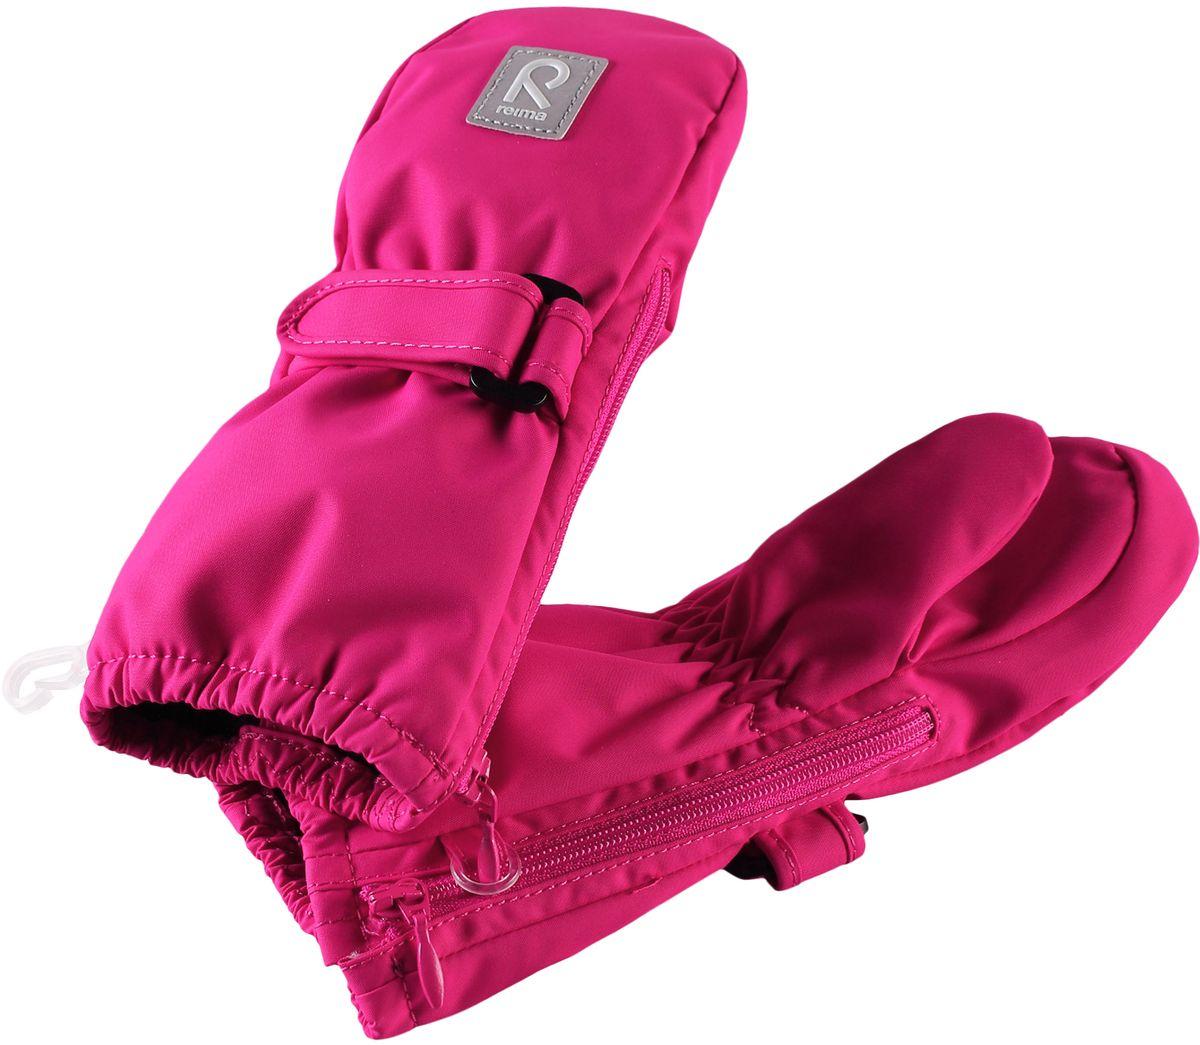 Варежки детские Reima, цвет: фуксия. 5171454620. Размер 15171454620Эластичные, теплые и удобные варежки для активных малышей. Они защитят от брызг и небольшого дождика, так как изготовлены из водонепроницаемого материала. Благодаря застежке на молнии их невероятно легко надевать! Легкое утепление согреет в прохладную весеннюю и осеннюю погоду.